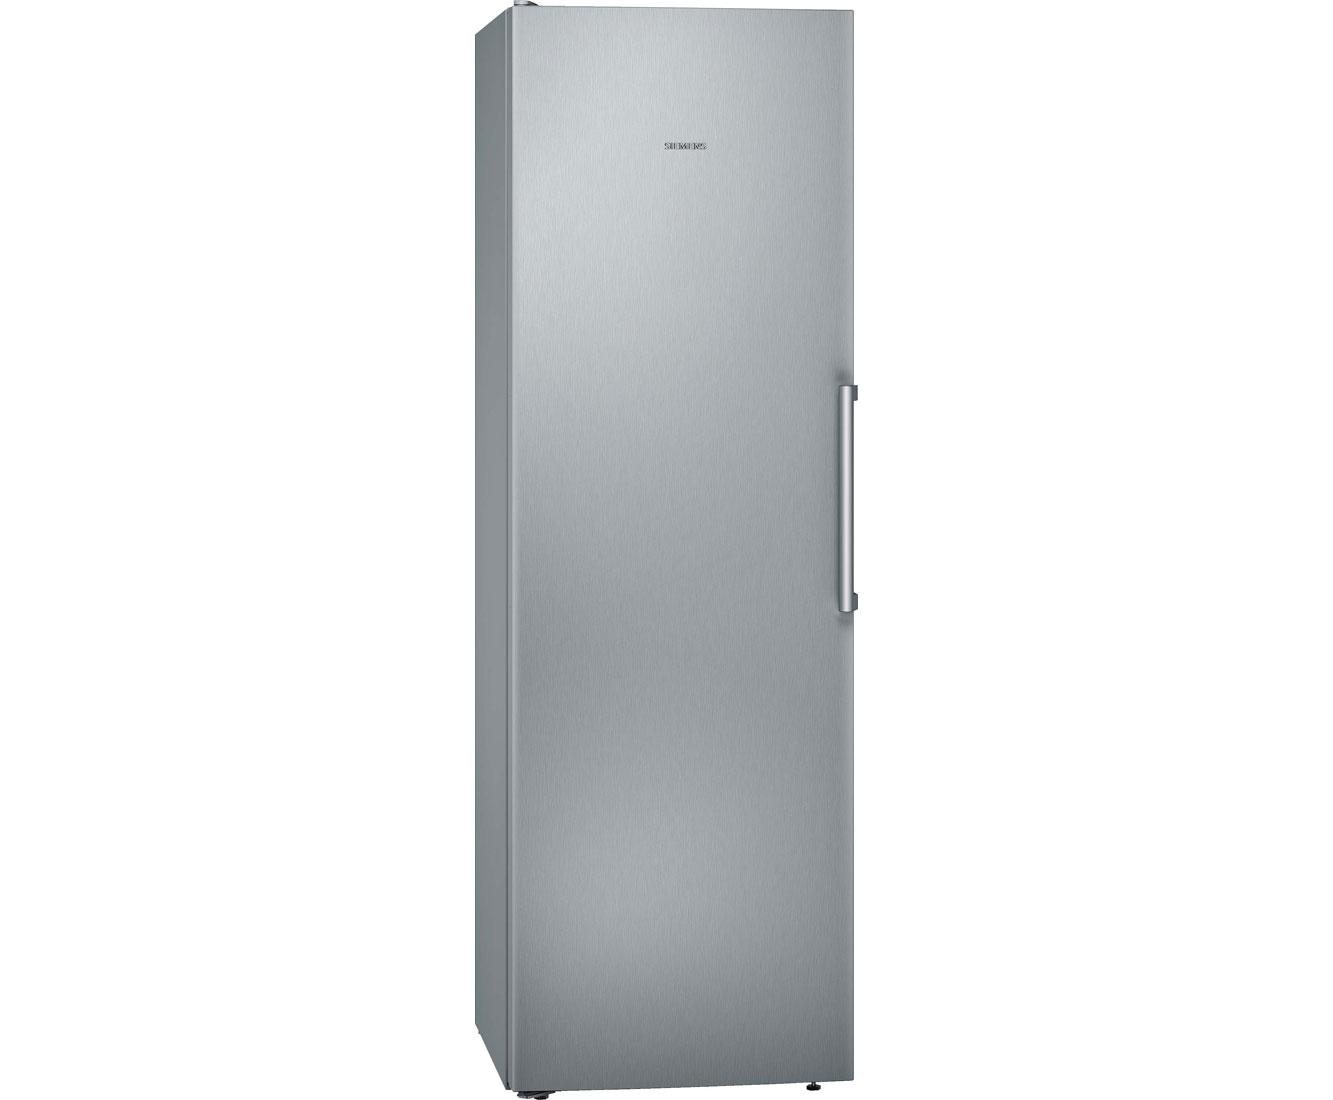 Gorenje Kühlschrank Idealo : Retro kühlschrank idealo retro kühlschrank preisvergleich günstig